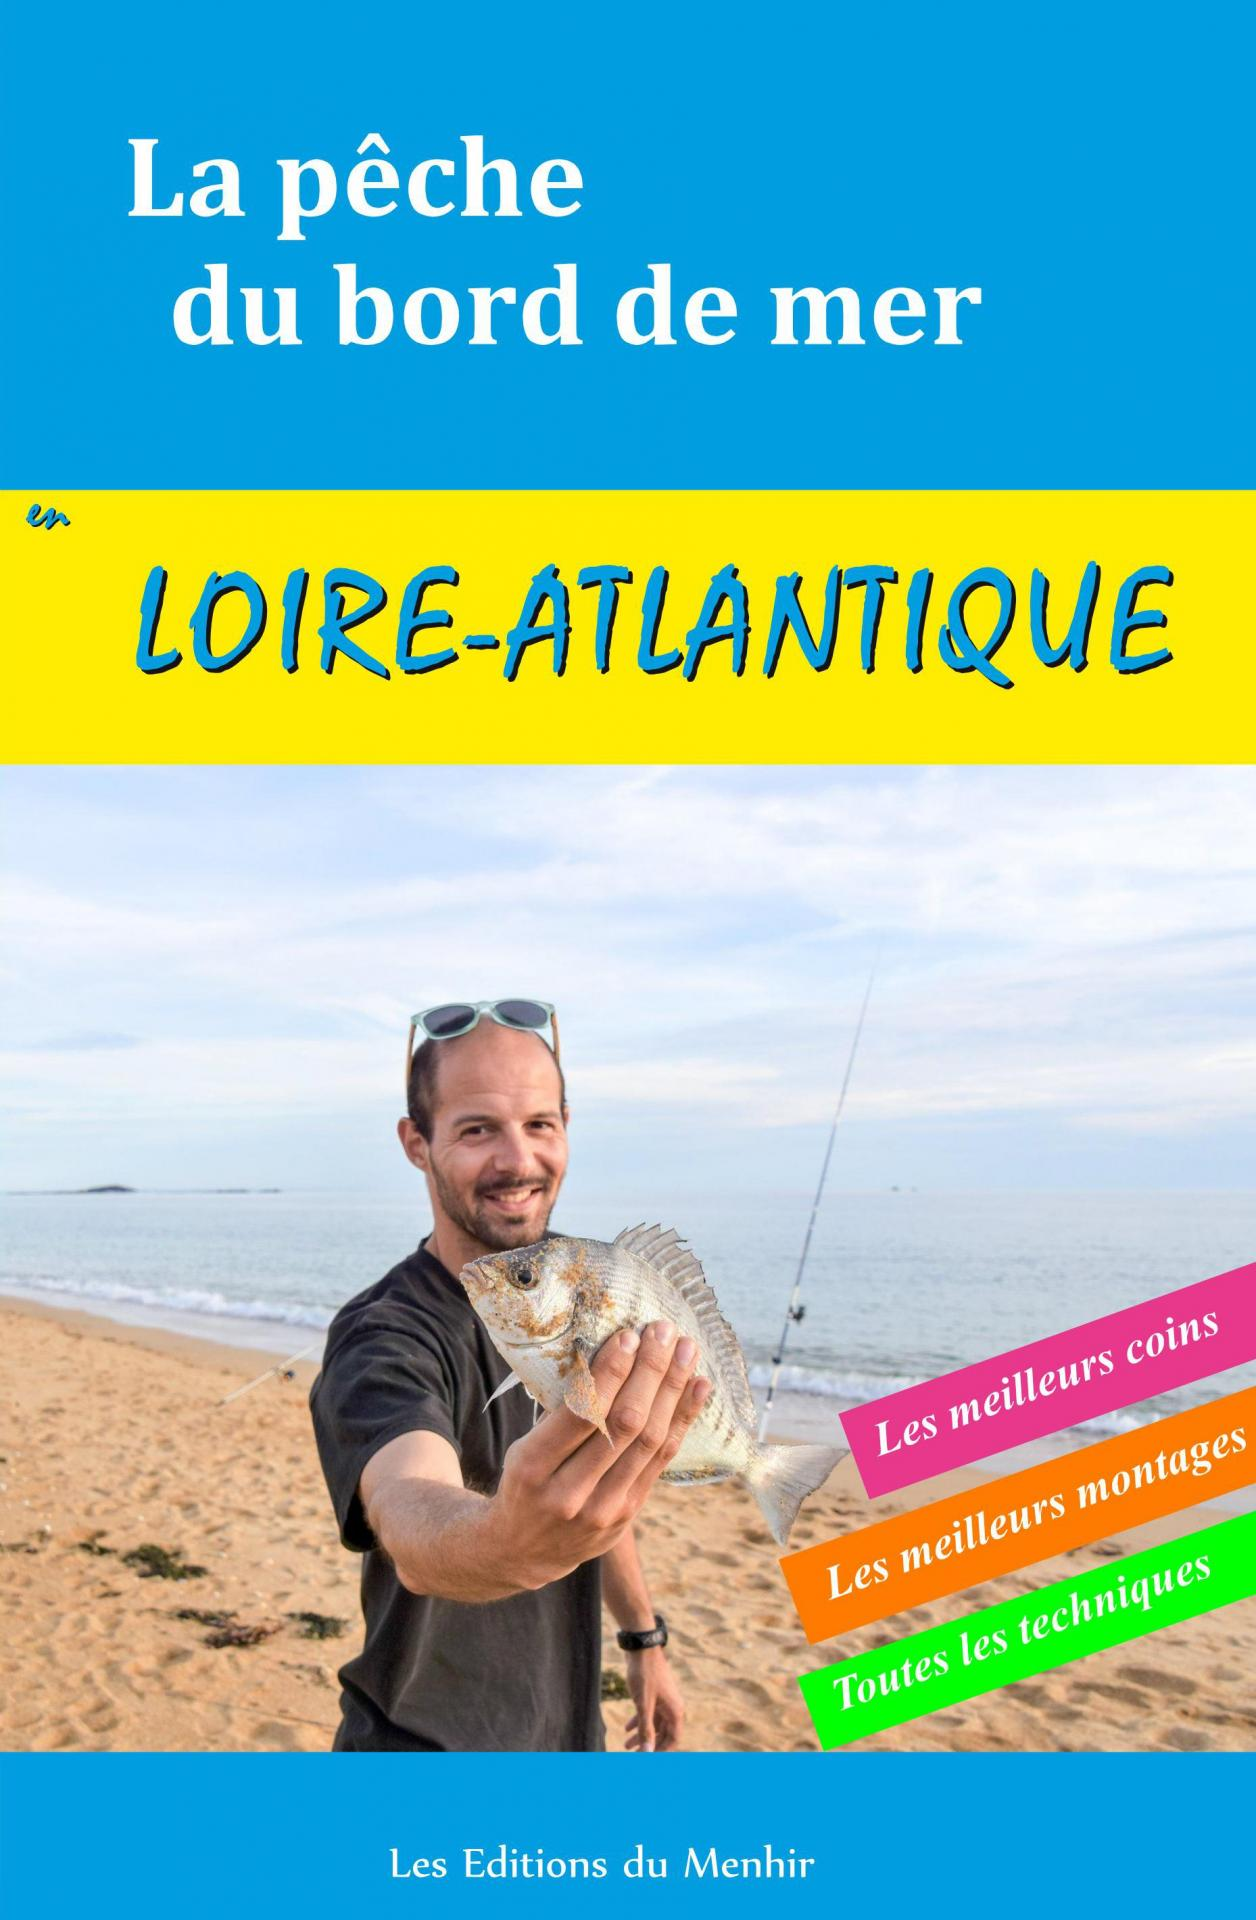 Loire atlantique 1ere couv